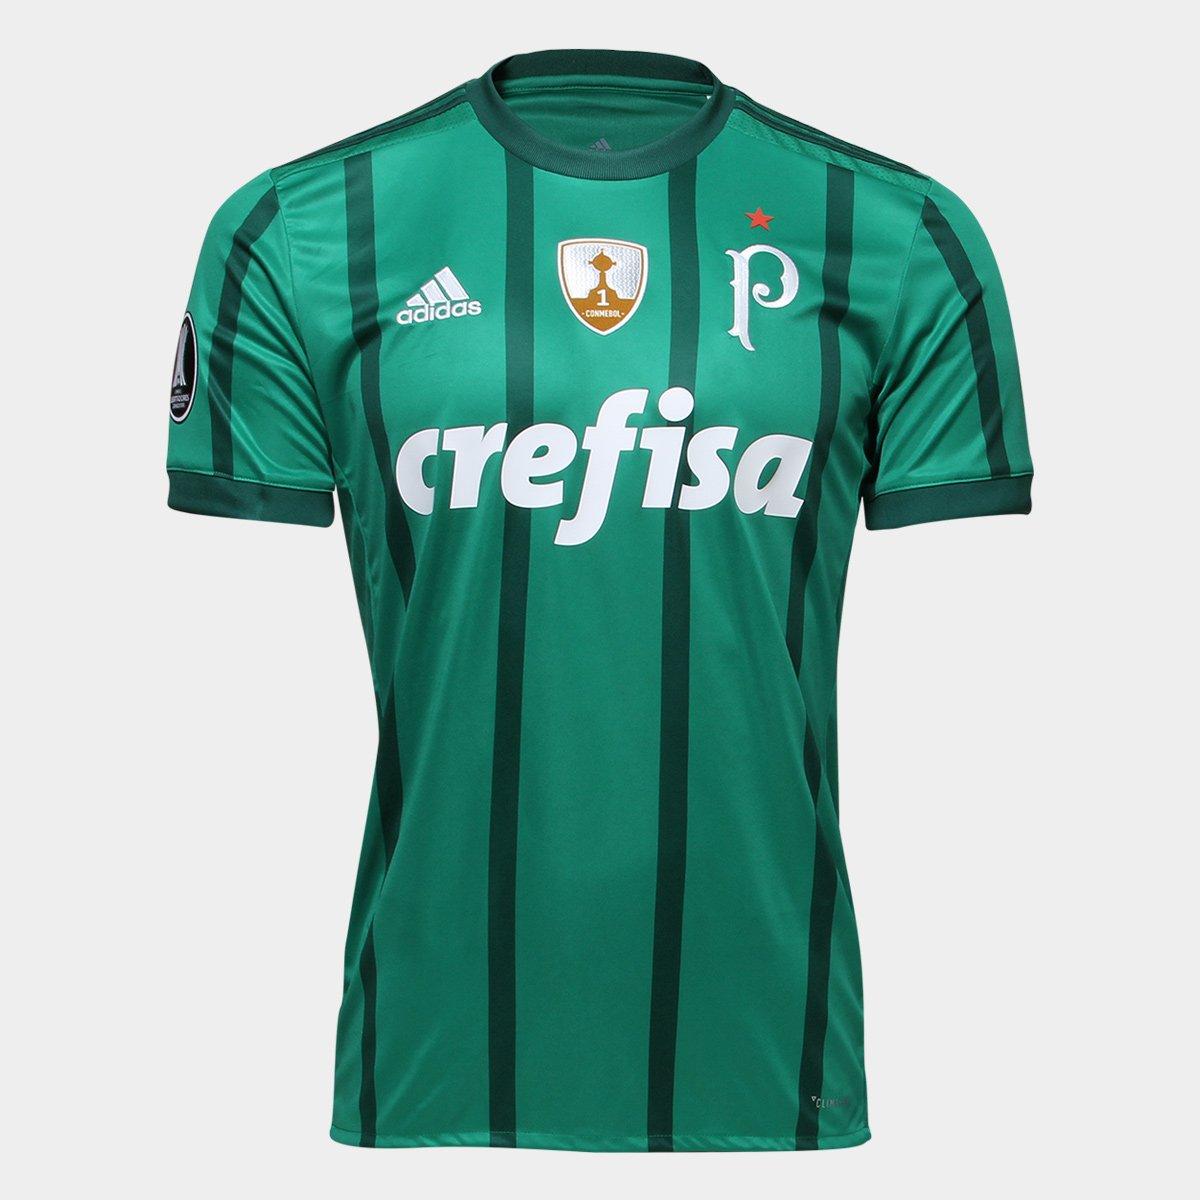 f504fc7cdf Camisa Palmeiras I 17 18 S Nº Patch Libertadores Torcedor Adidas Masculina  - Compre Agora